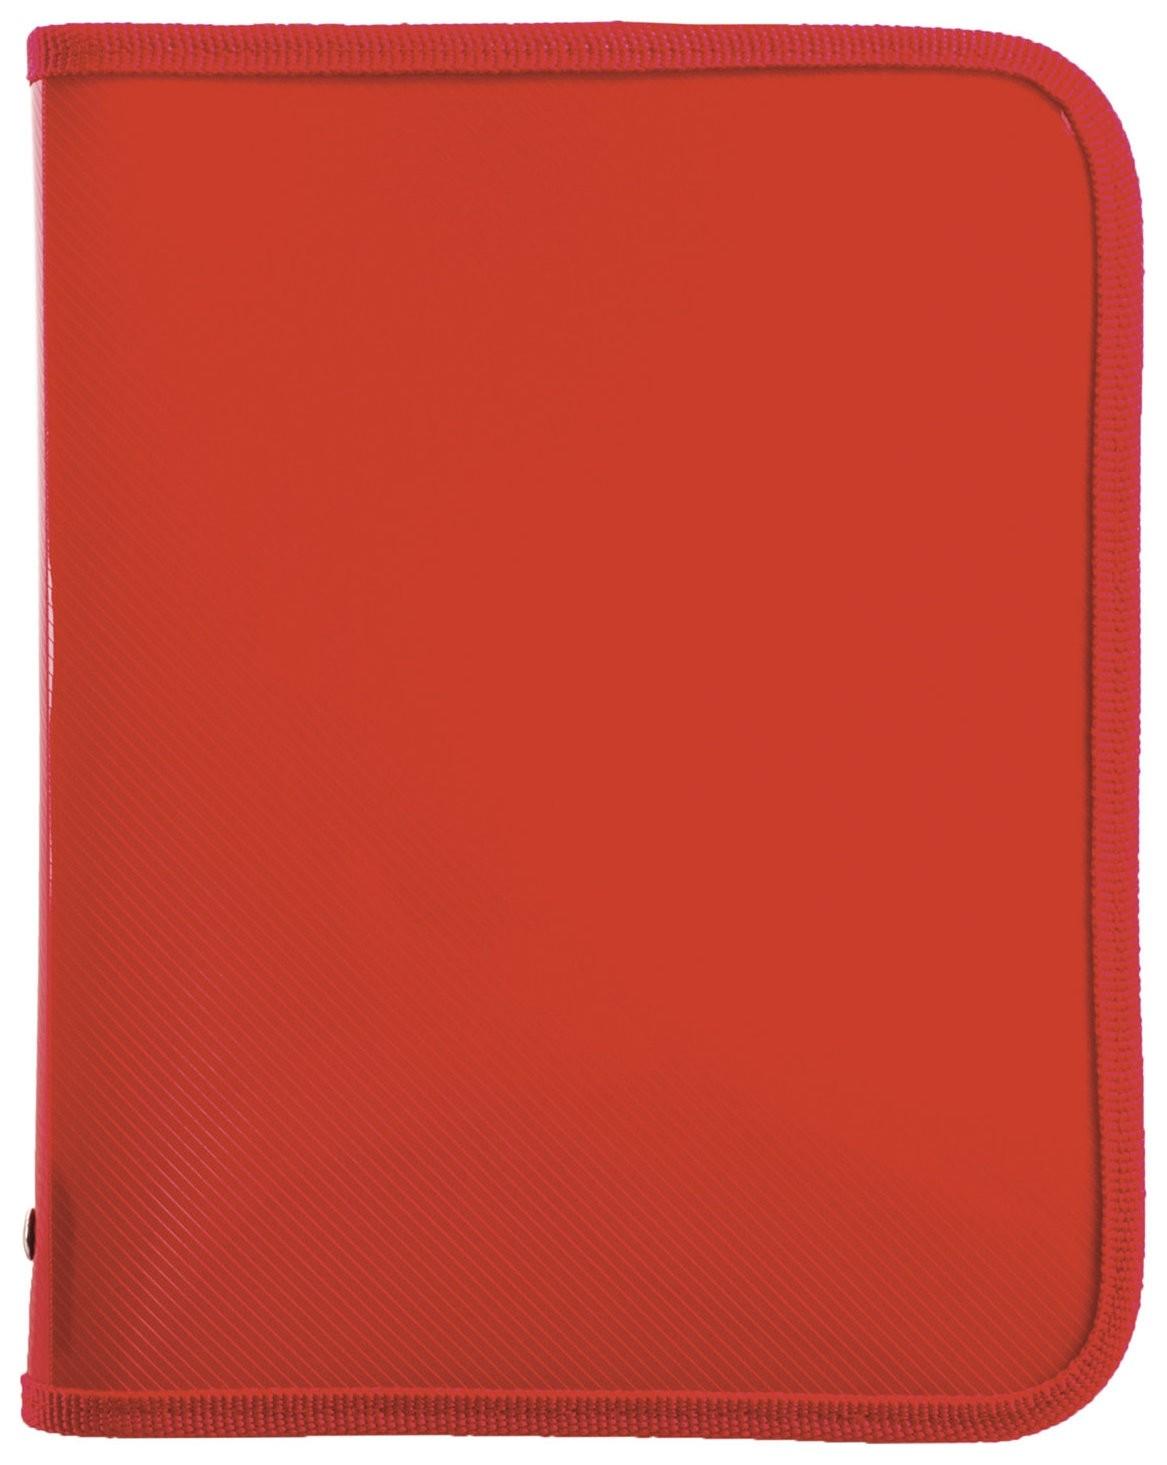 Папка для тетрадей а5 пластик, молния вокруг, один тон, красная  Пифагор